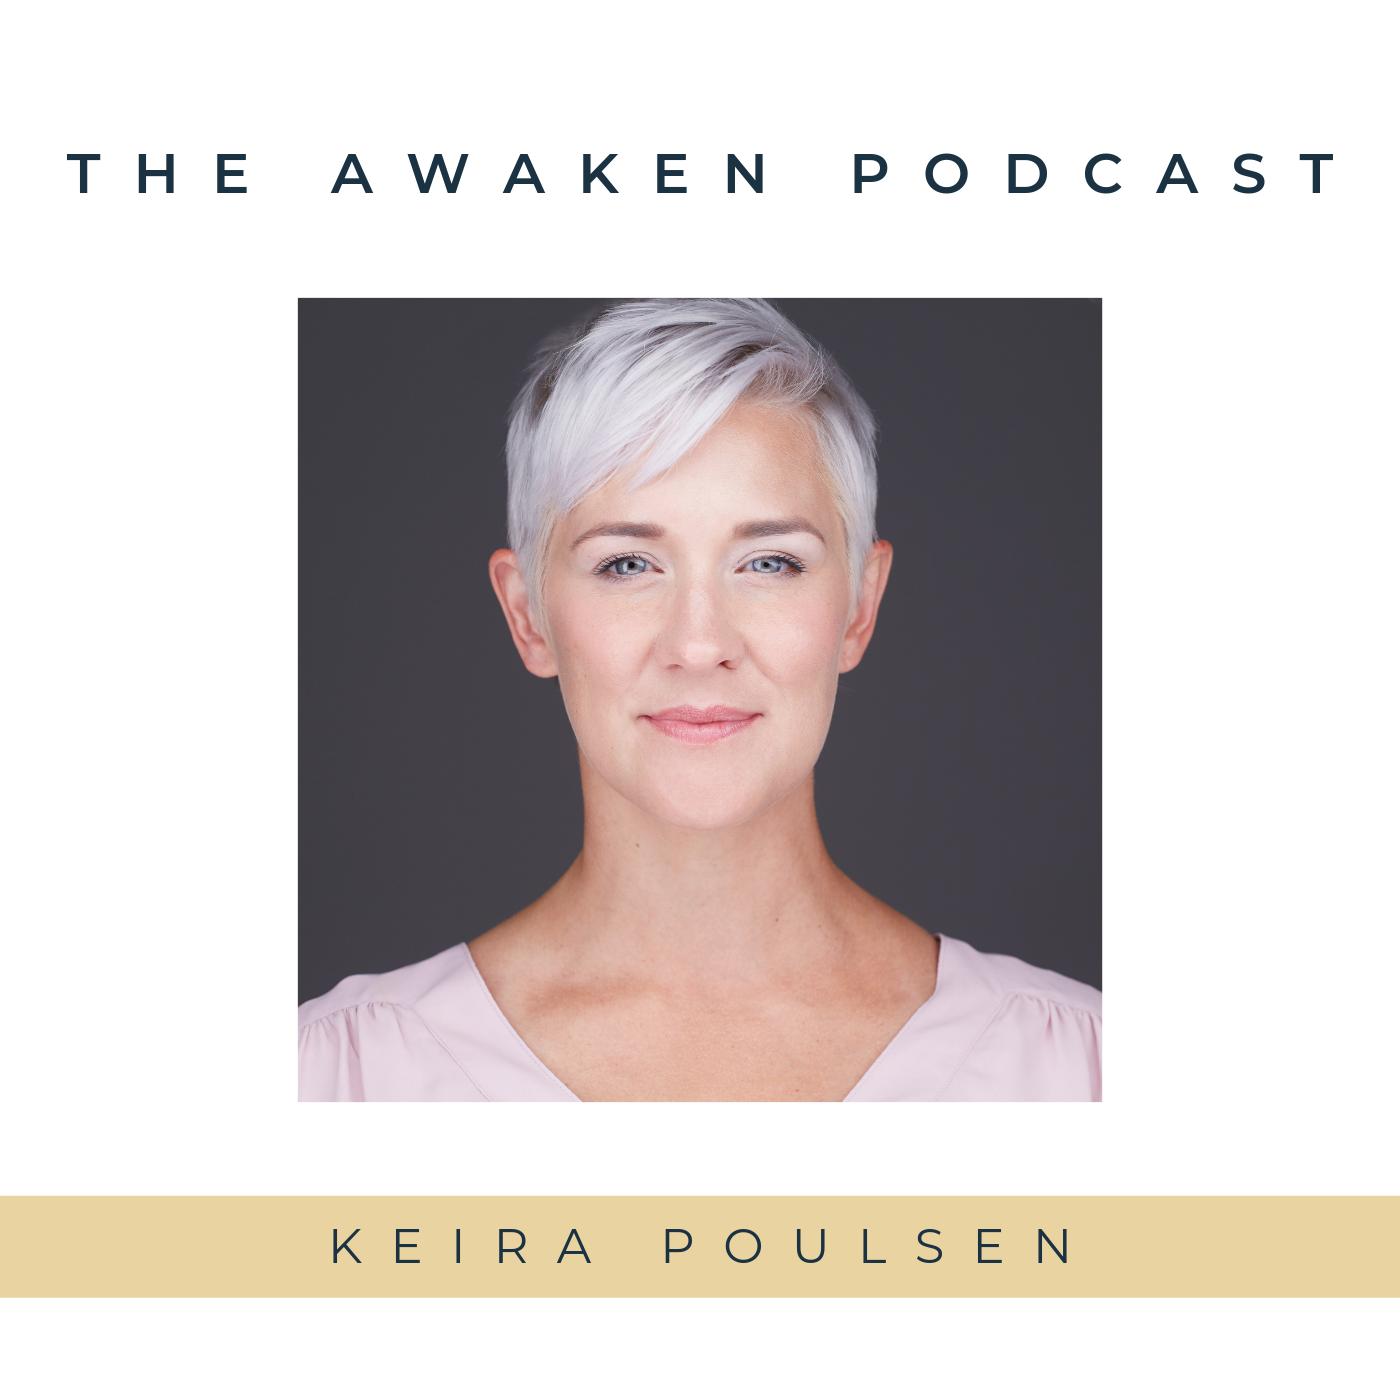 The Awaken Podcast show art